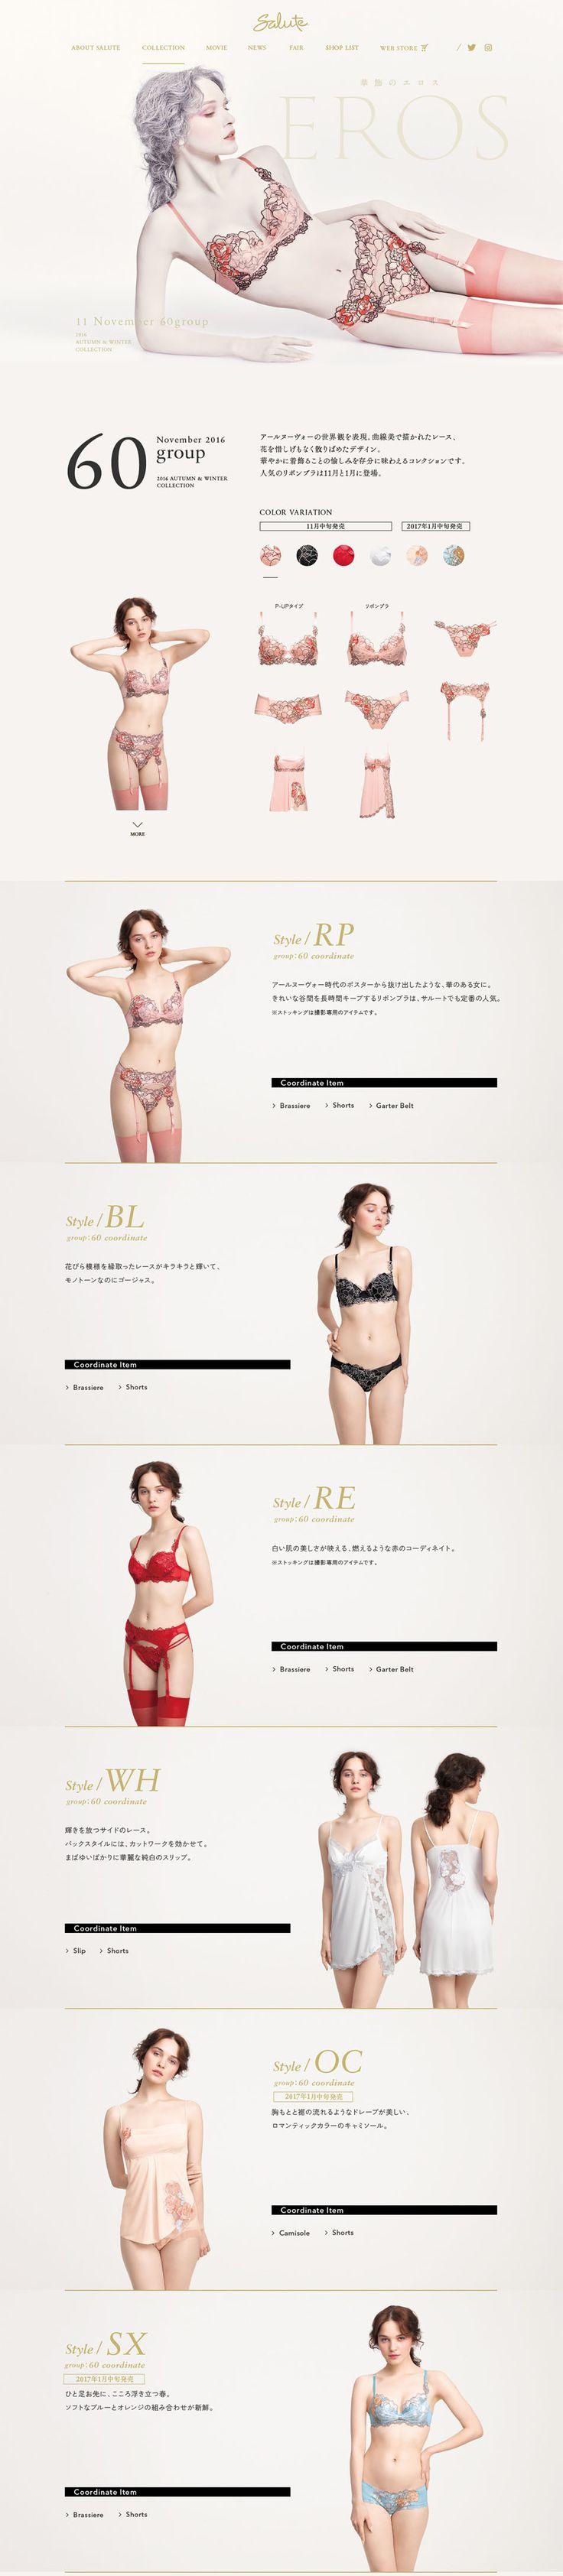 Salute【ファッション関連】のLPデザイン。WEBデザイナーさん必見!ランディングページのデザイン参考に(シンプル系)